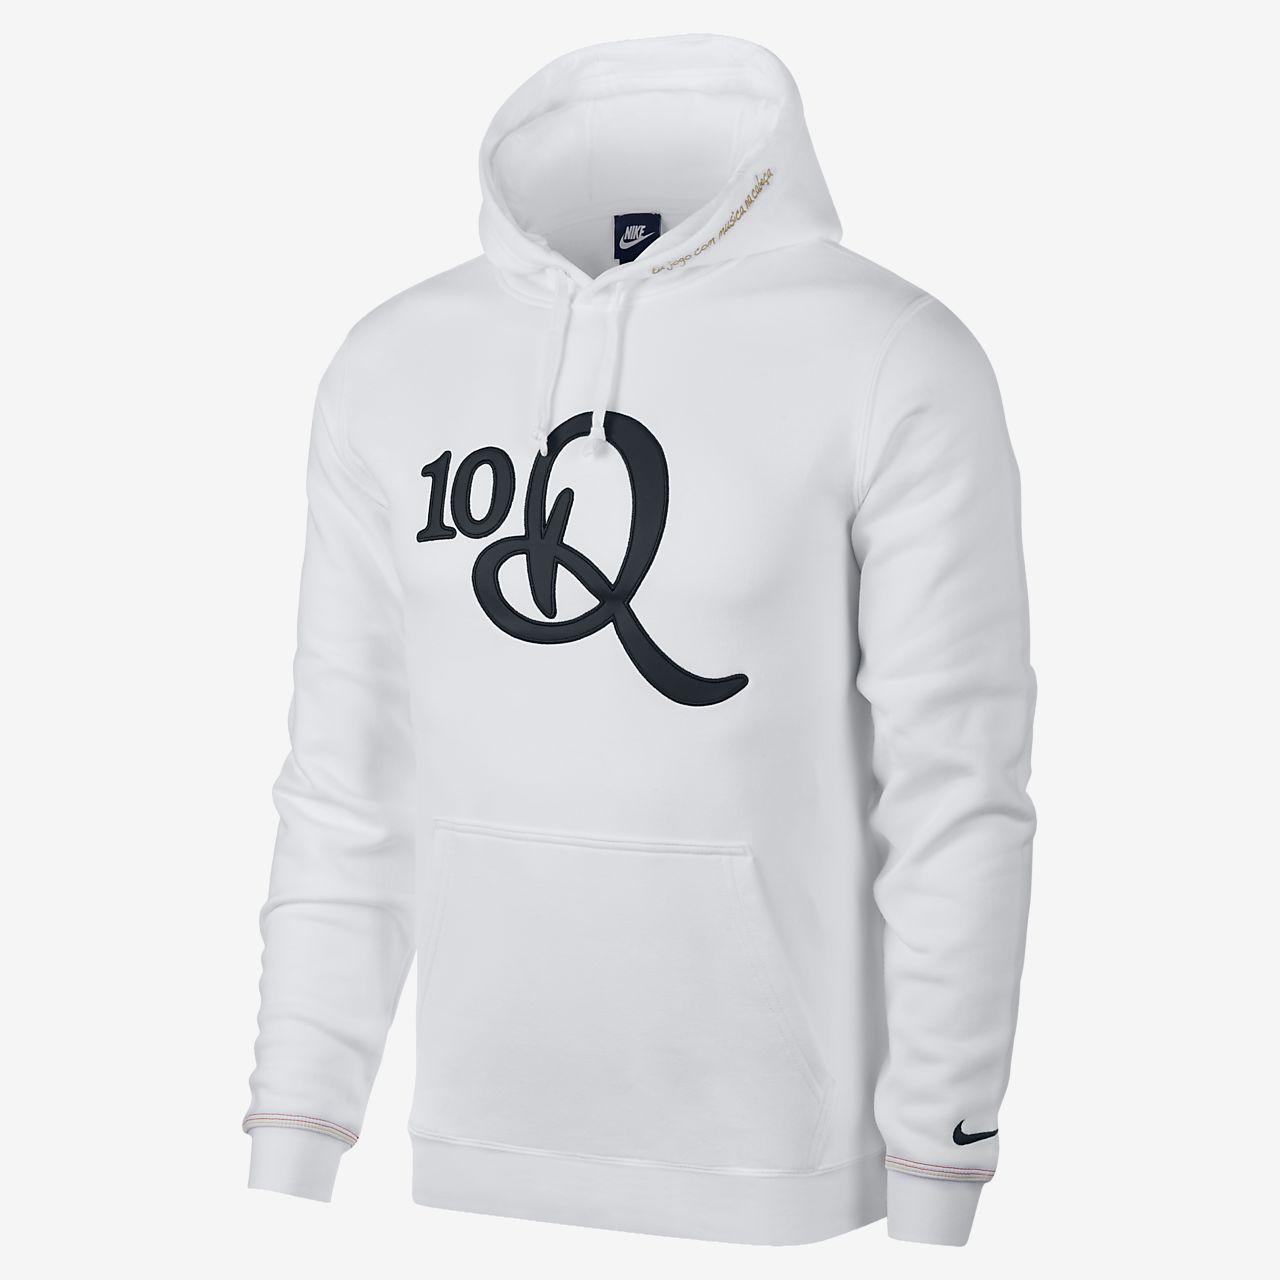 Nike 10R Men's Pullover Hoodie